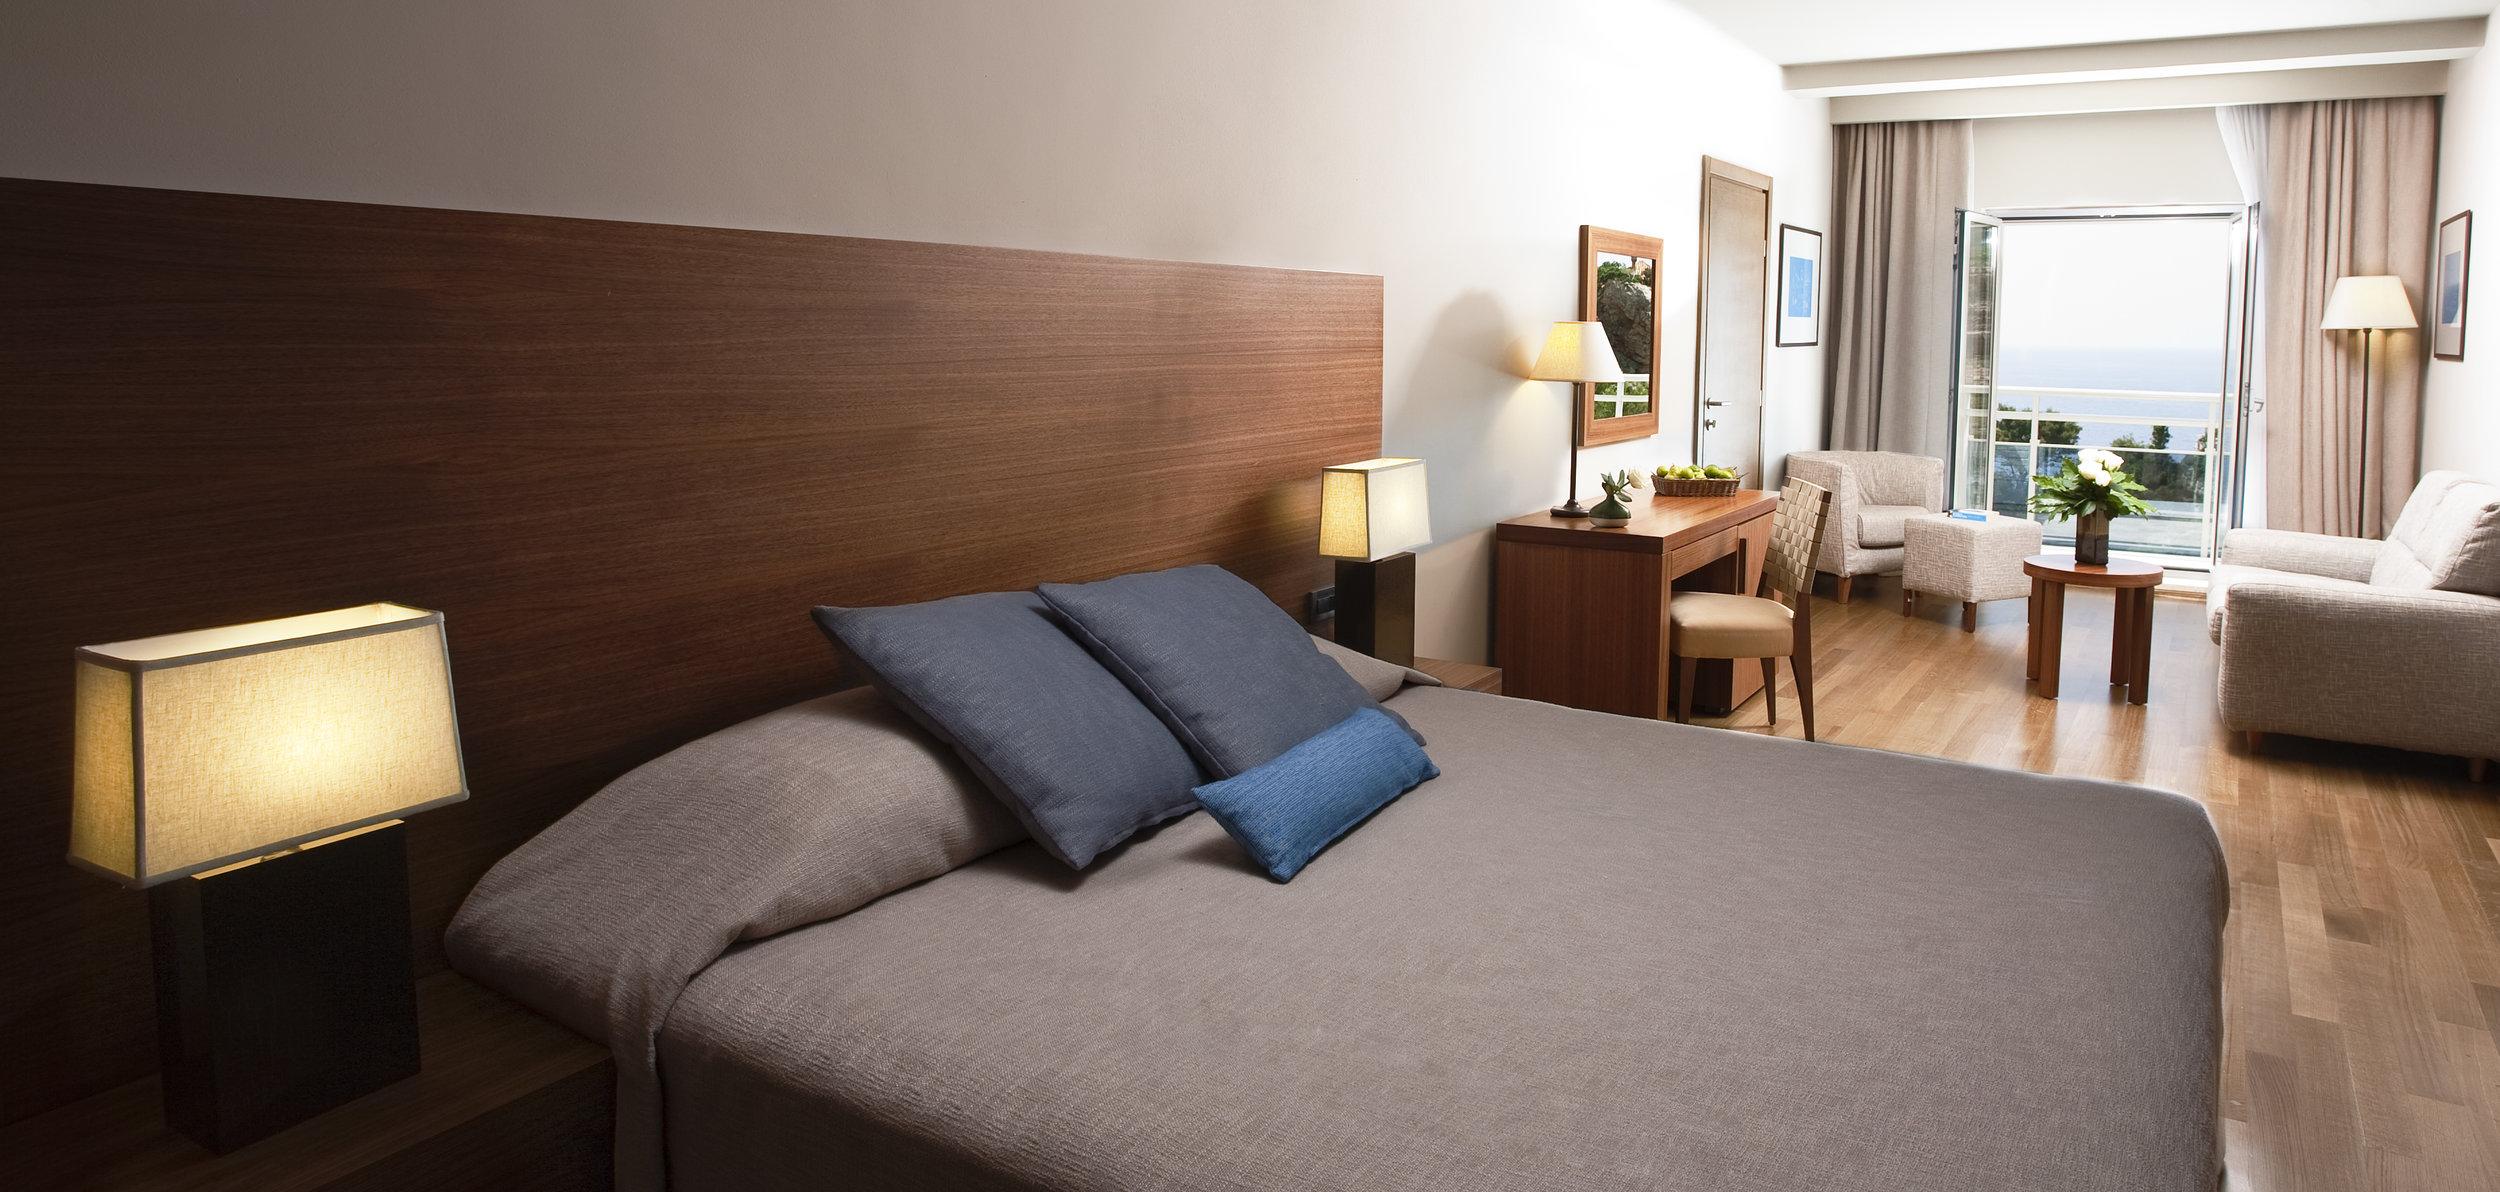 ALH bellevue deluxe room.jpg